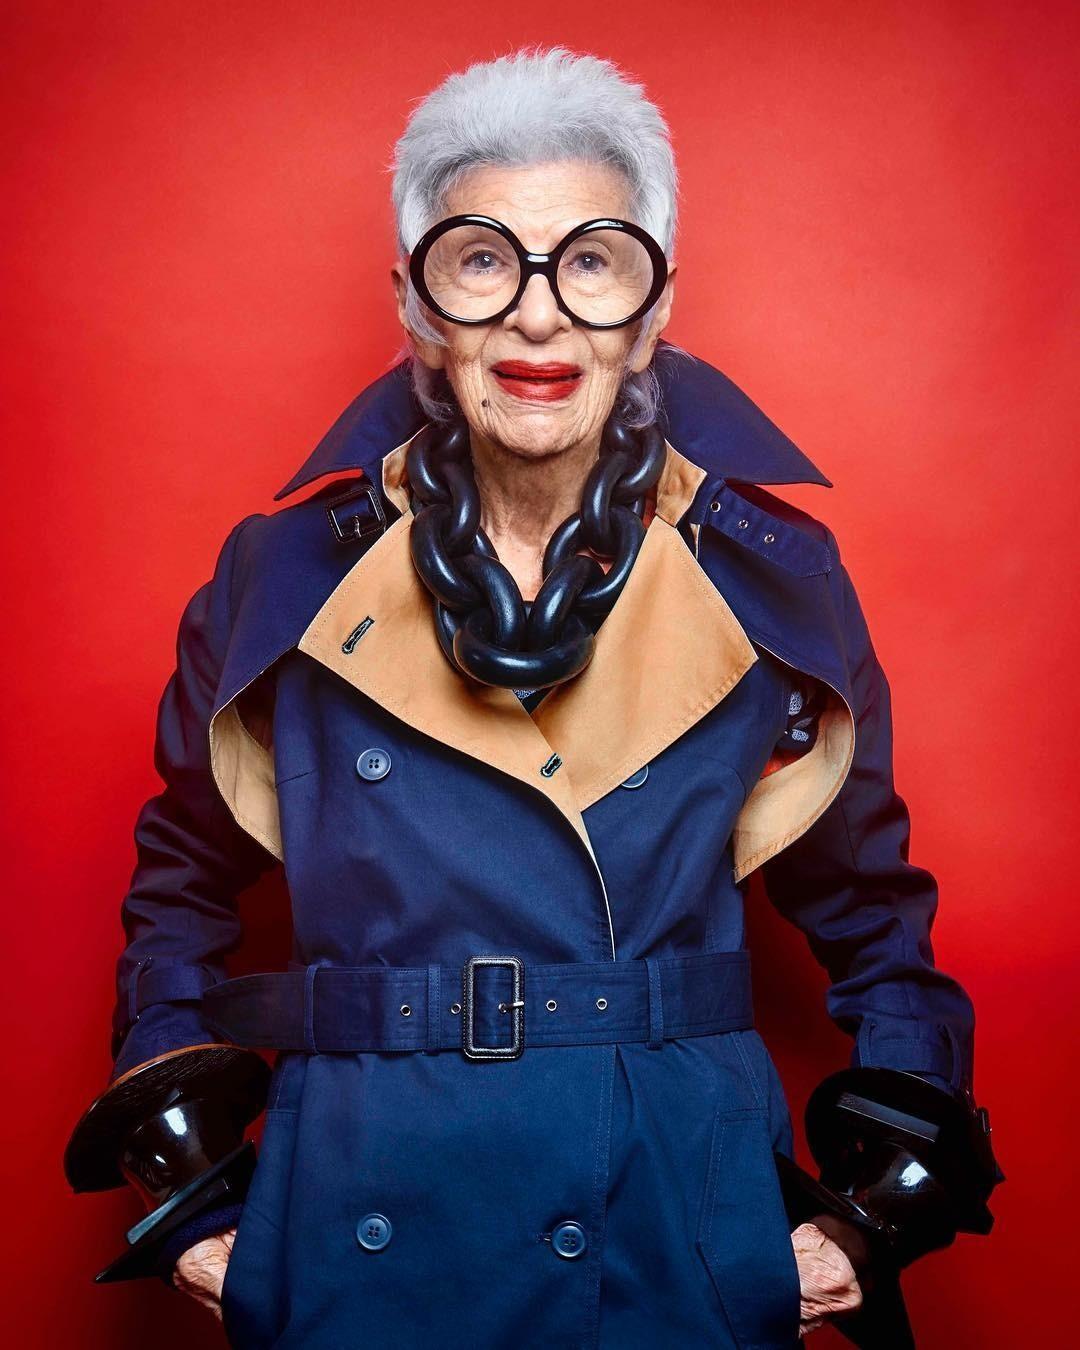 Неохота наряжаться? Вдохновись! 96-летняя французская бабушка стала иконой стиля в Instagram